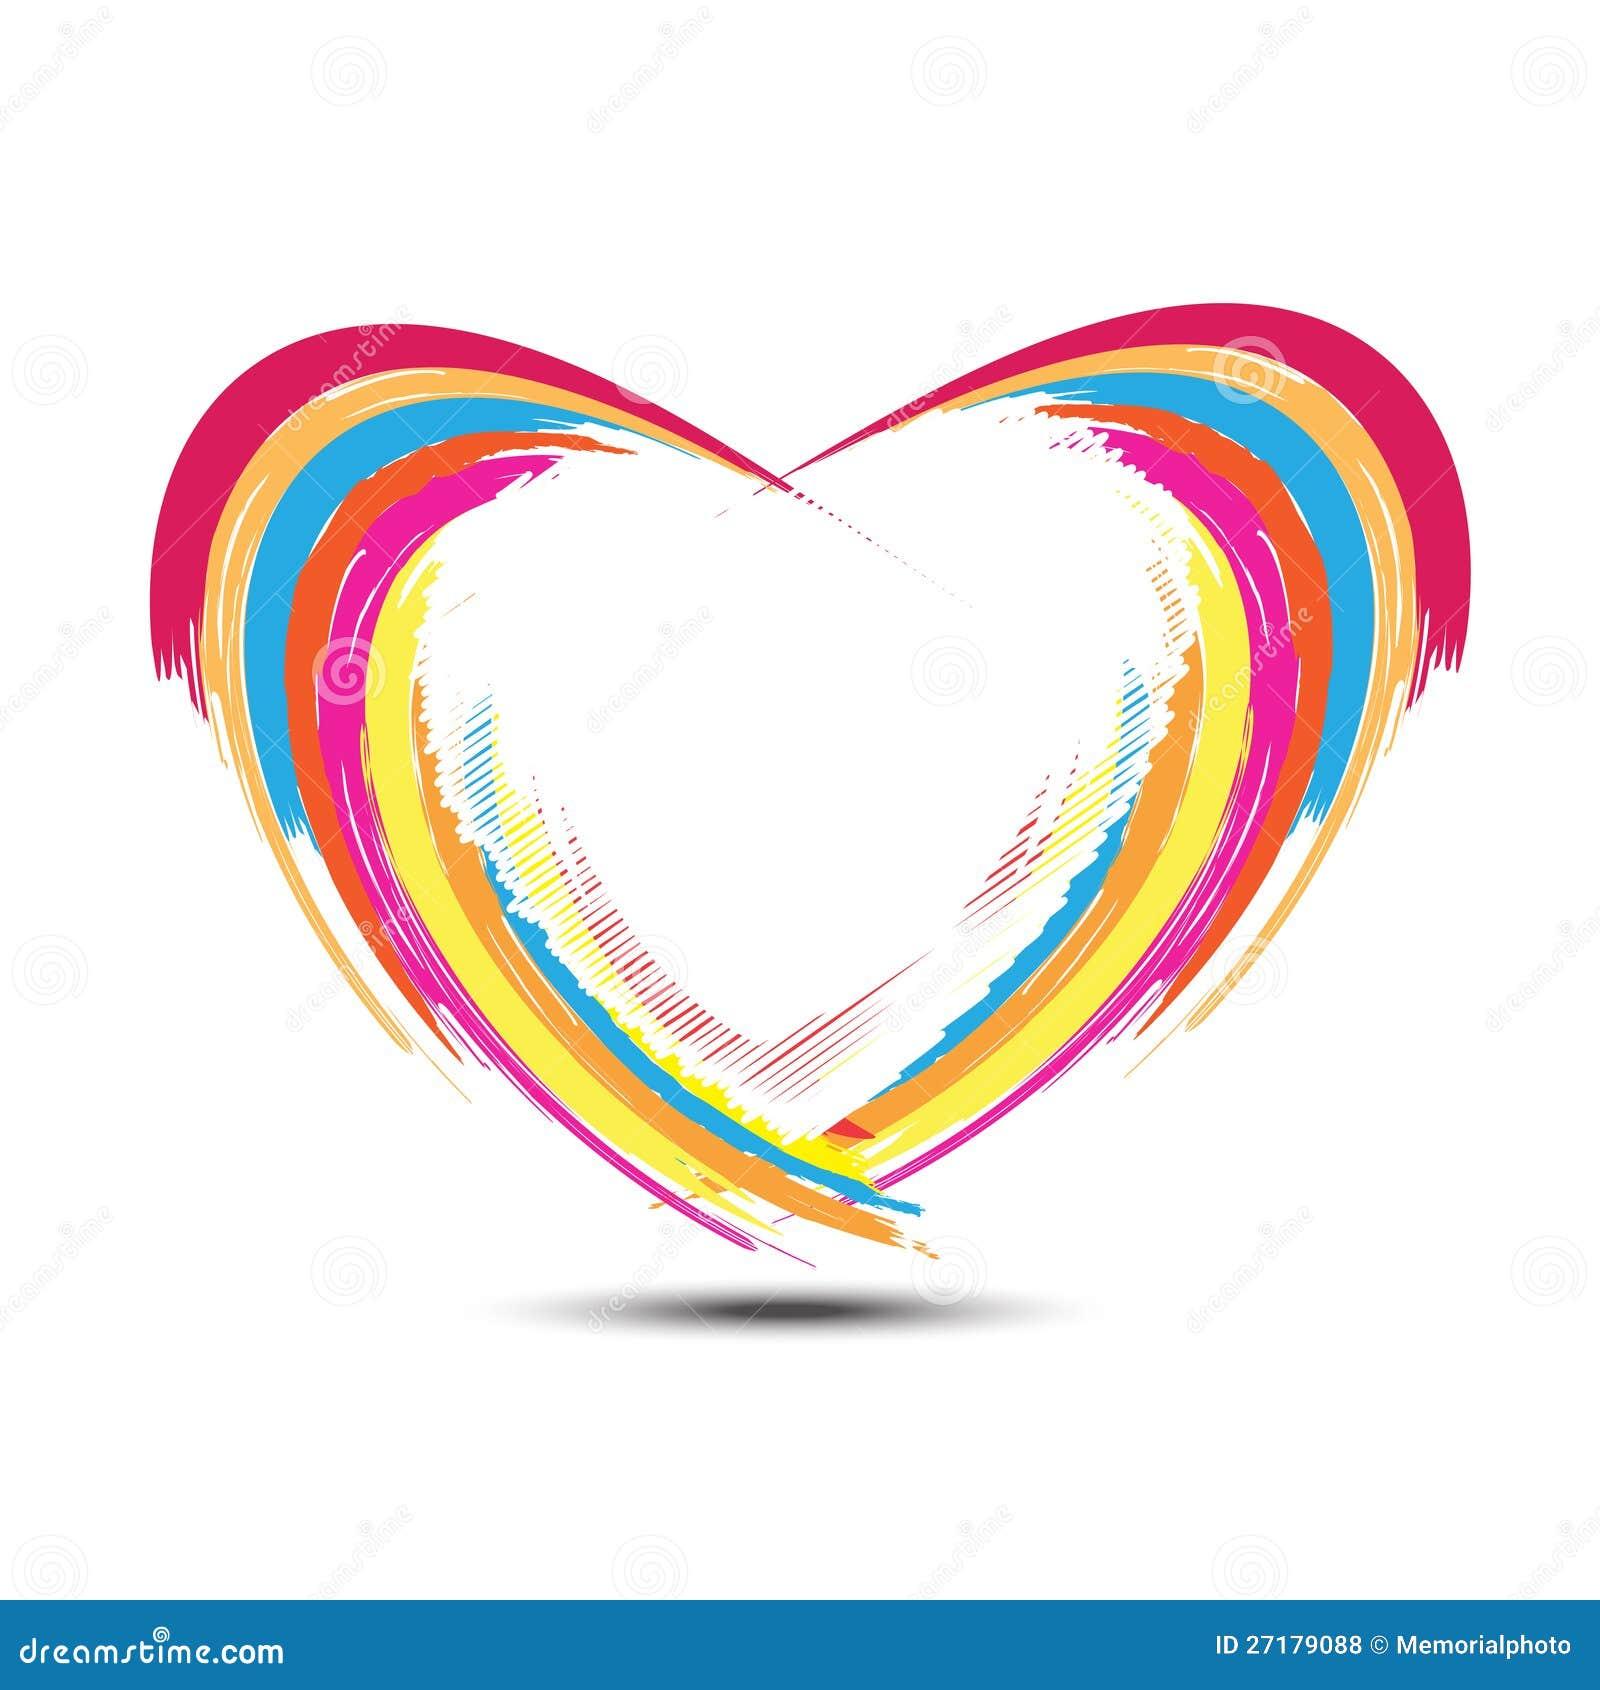 Abstract Rainbow Heart Design Stock Vector - Illustration ...